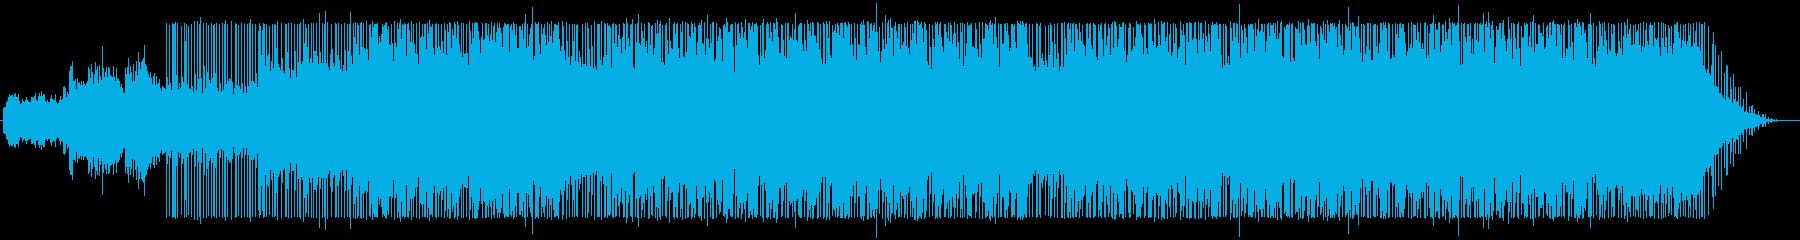 羽田空港を流れる加速感を!の再生済みの波形